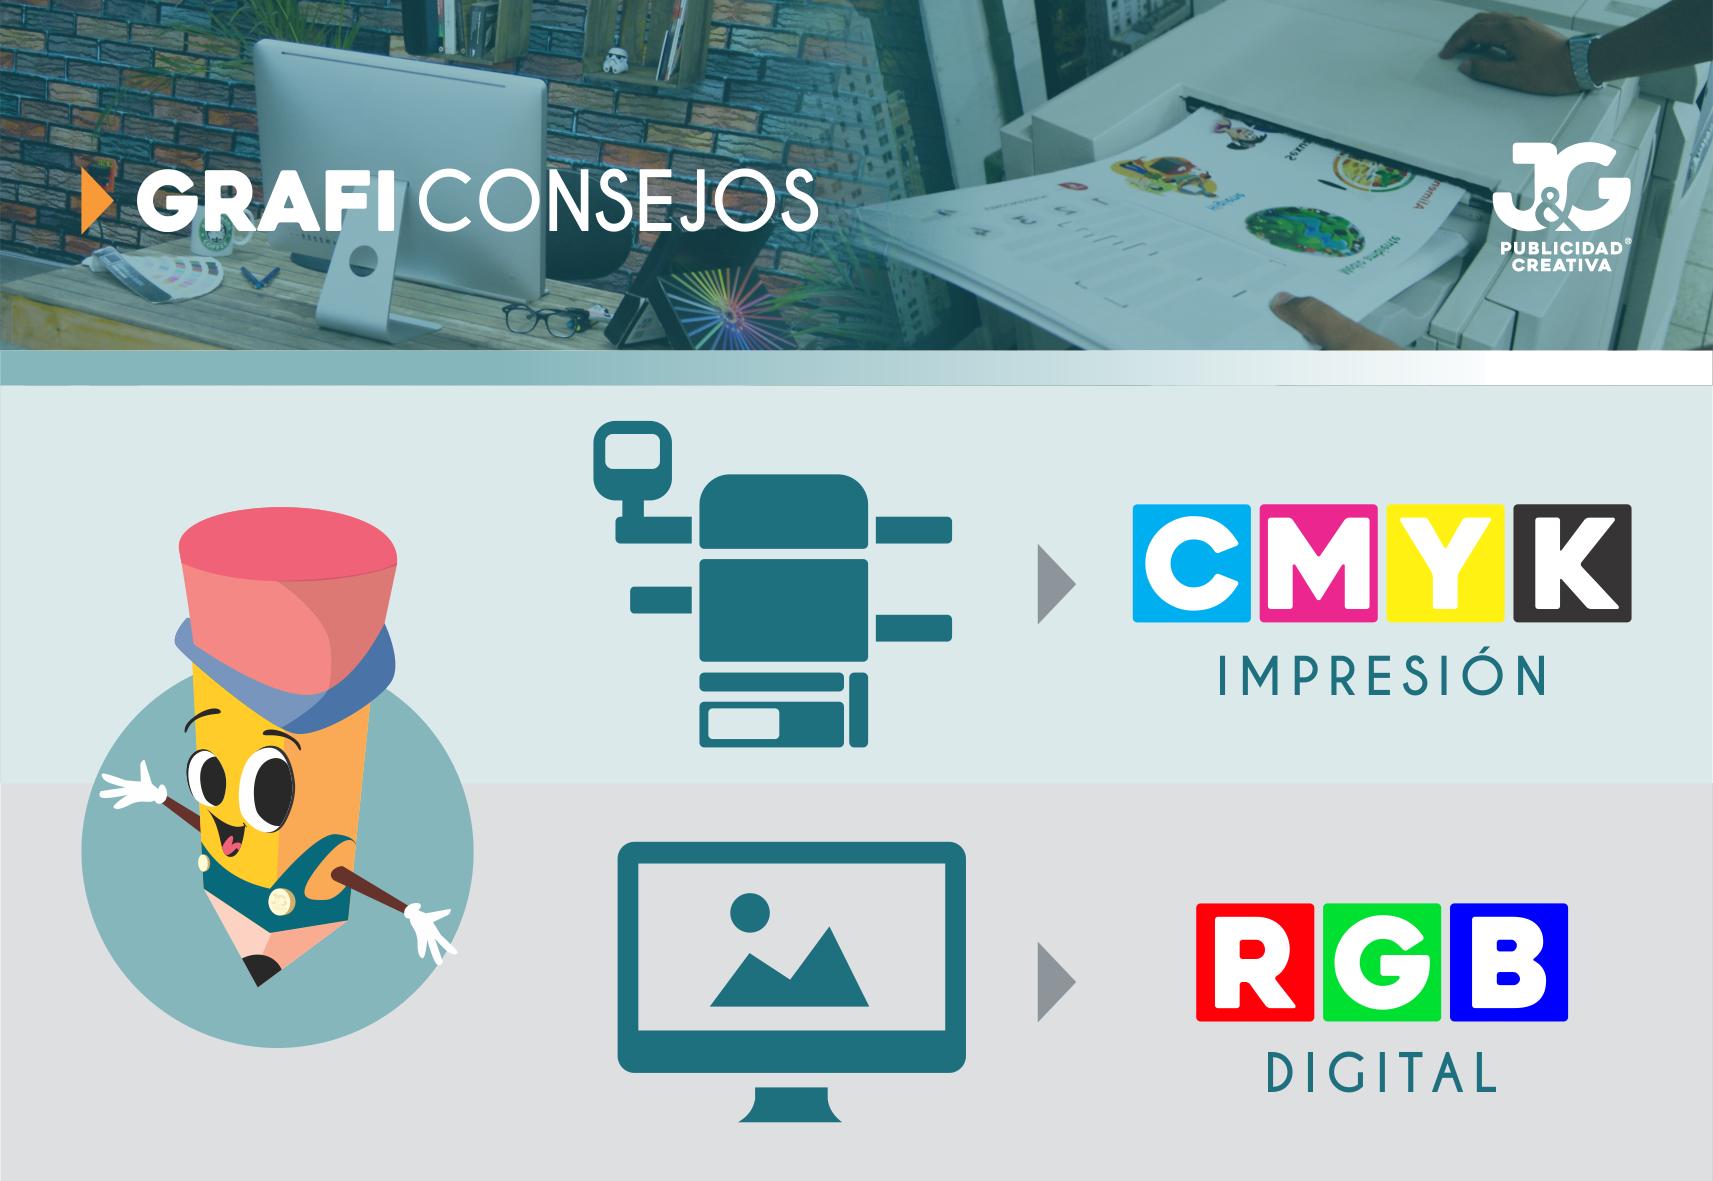 Formatos de Color CMYK y RGB - GrafiConsejos